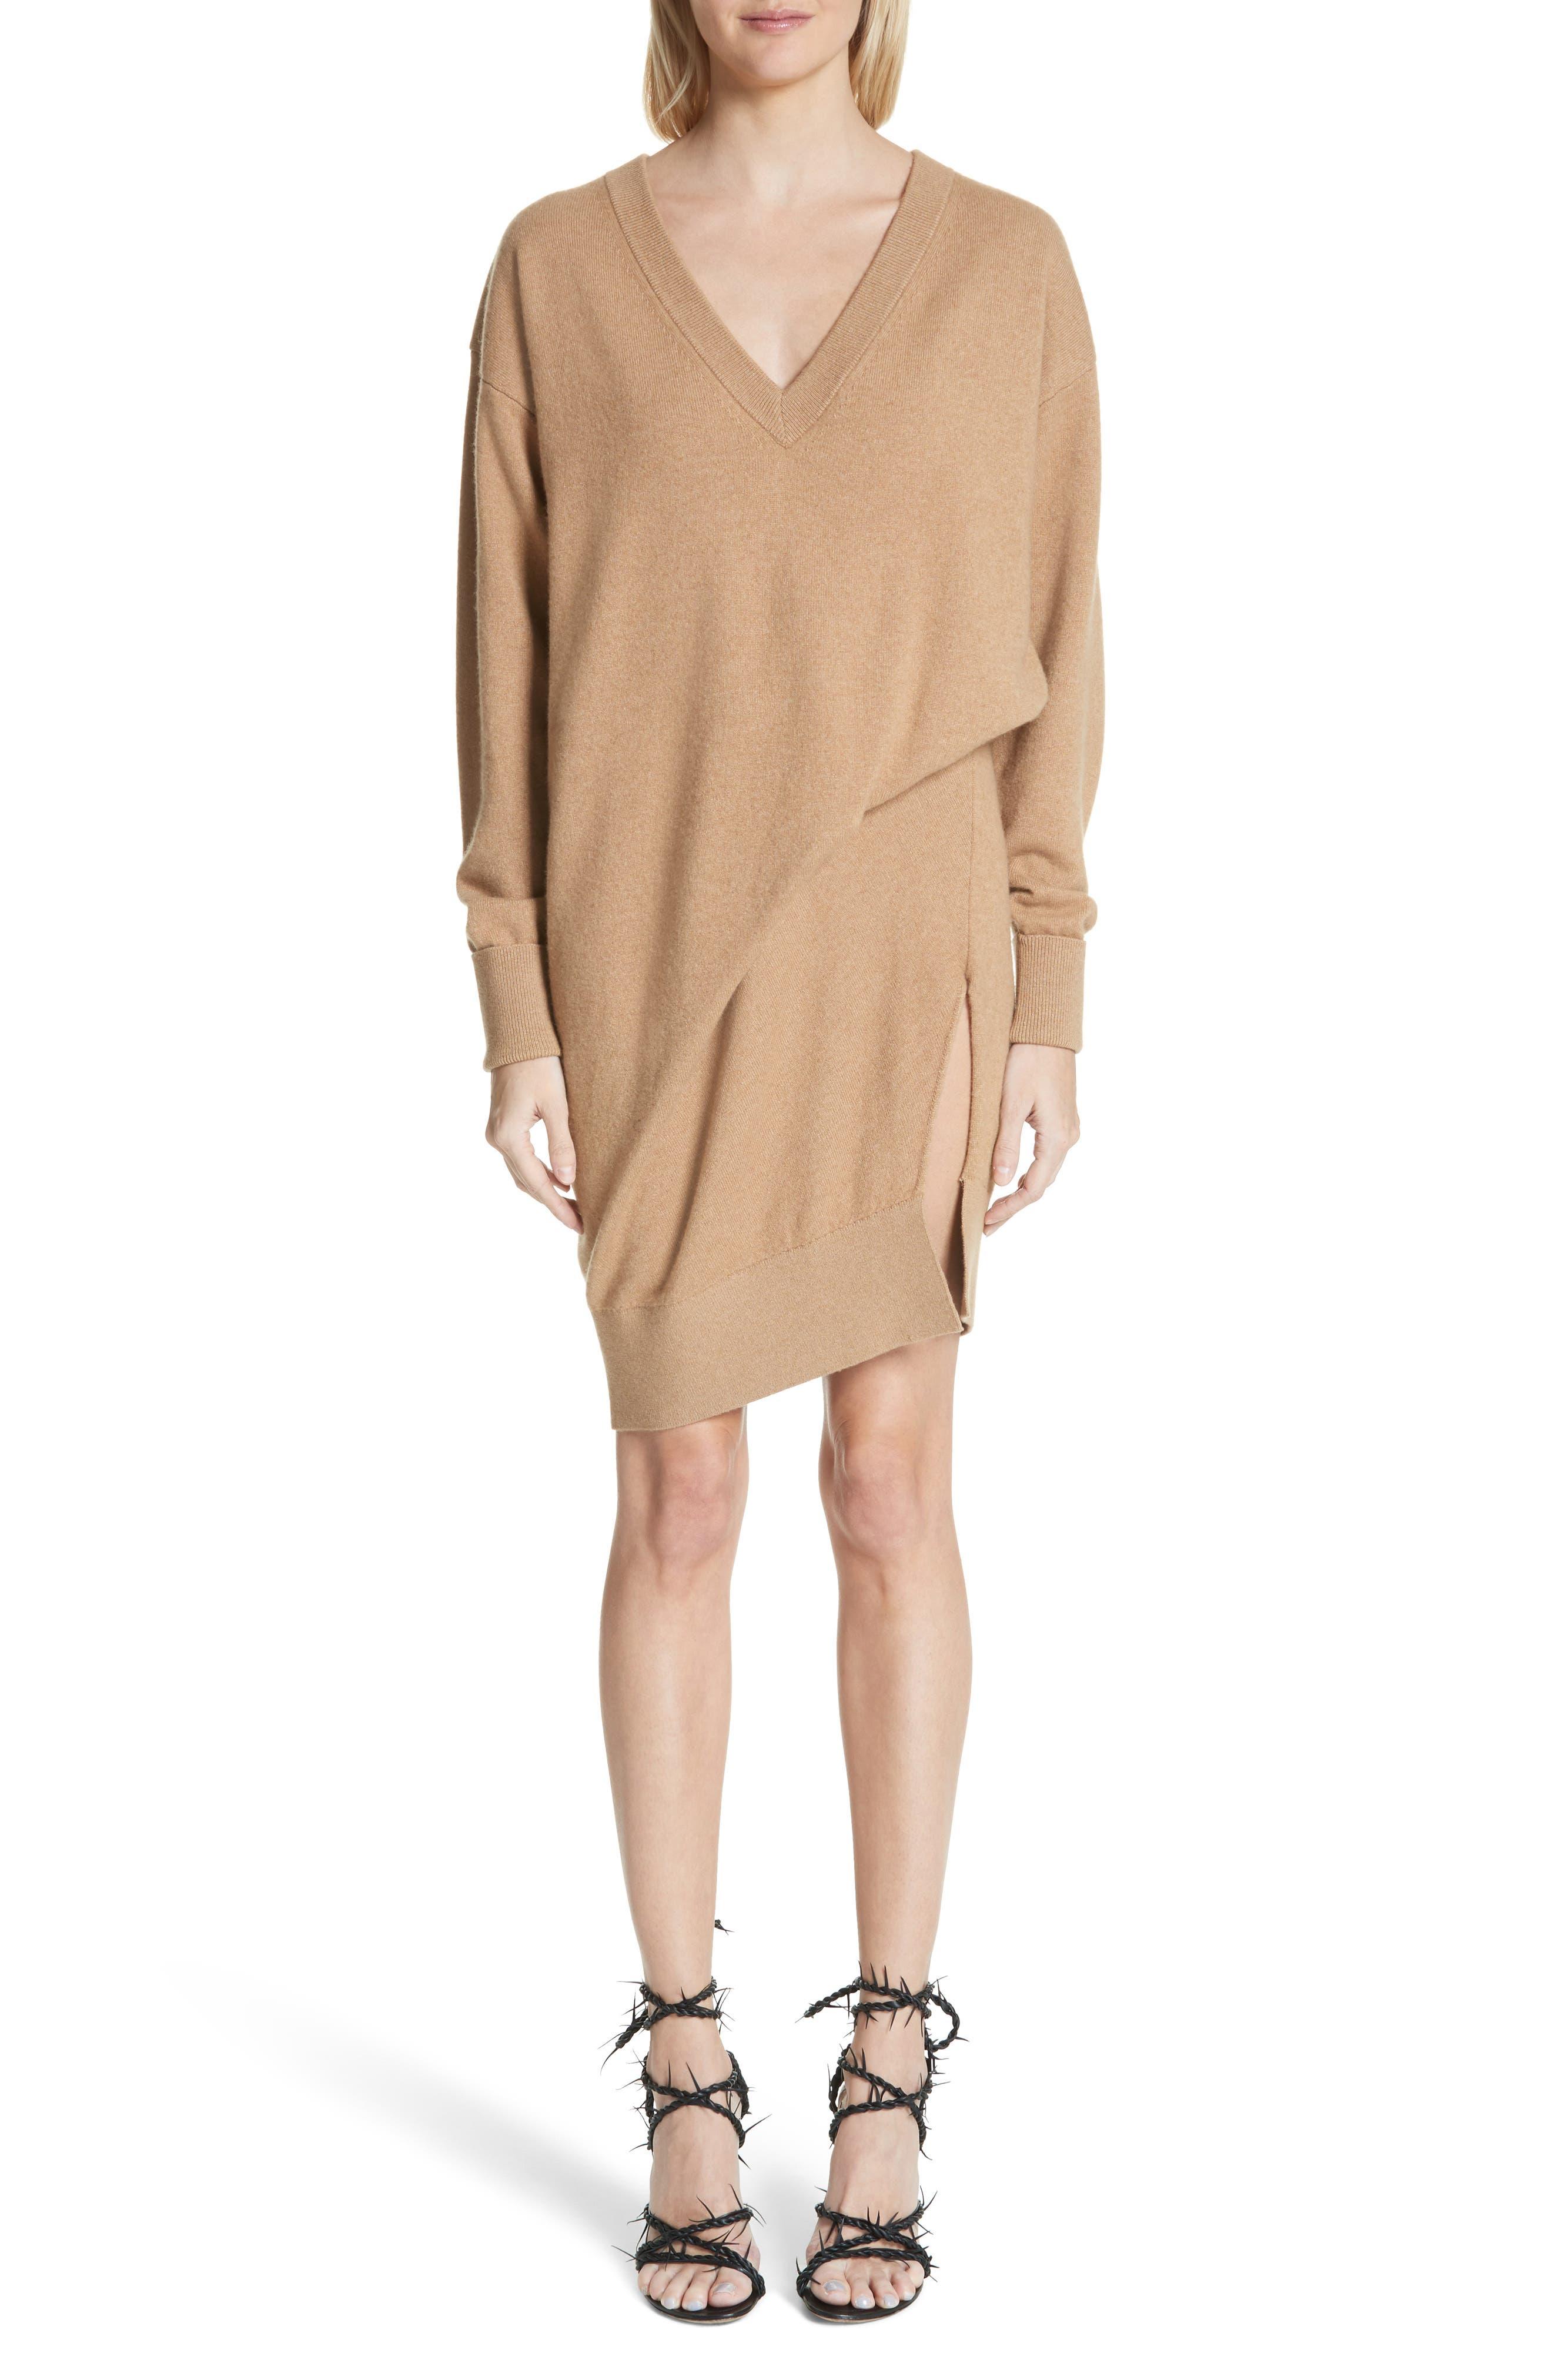 Main Image - Alexander Wang Asymmetrical Wool & Cashmere Blend Sweater Dress